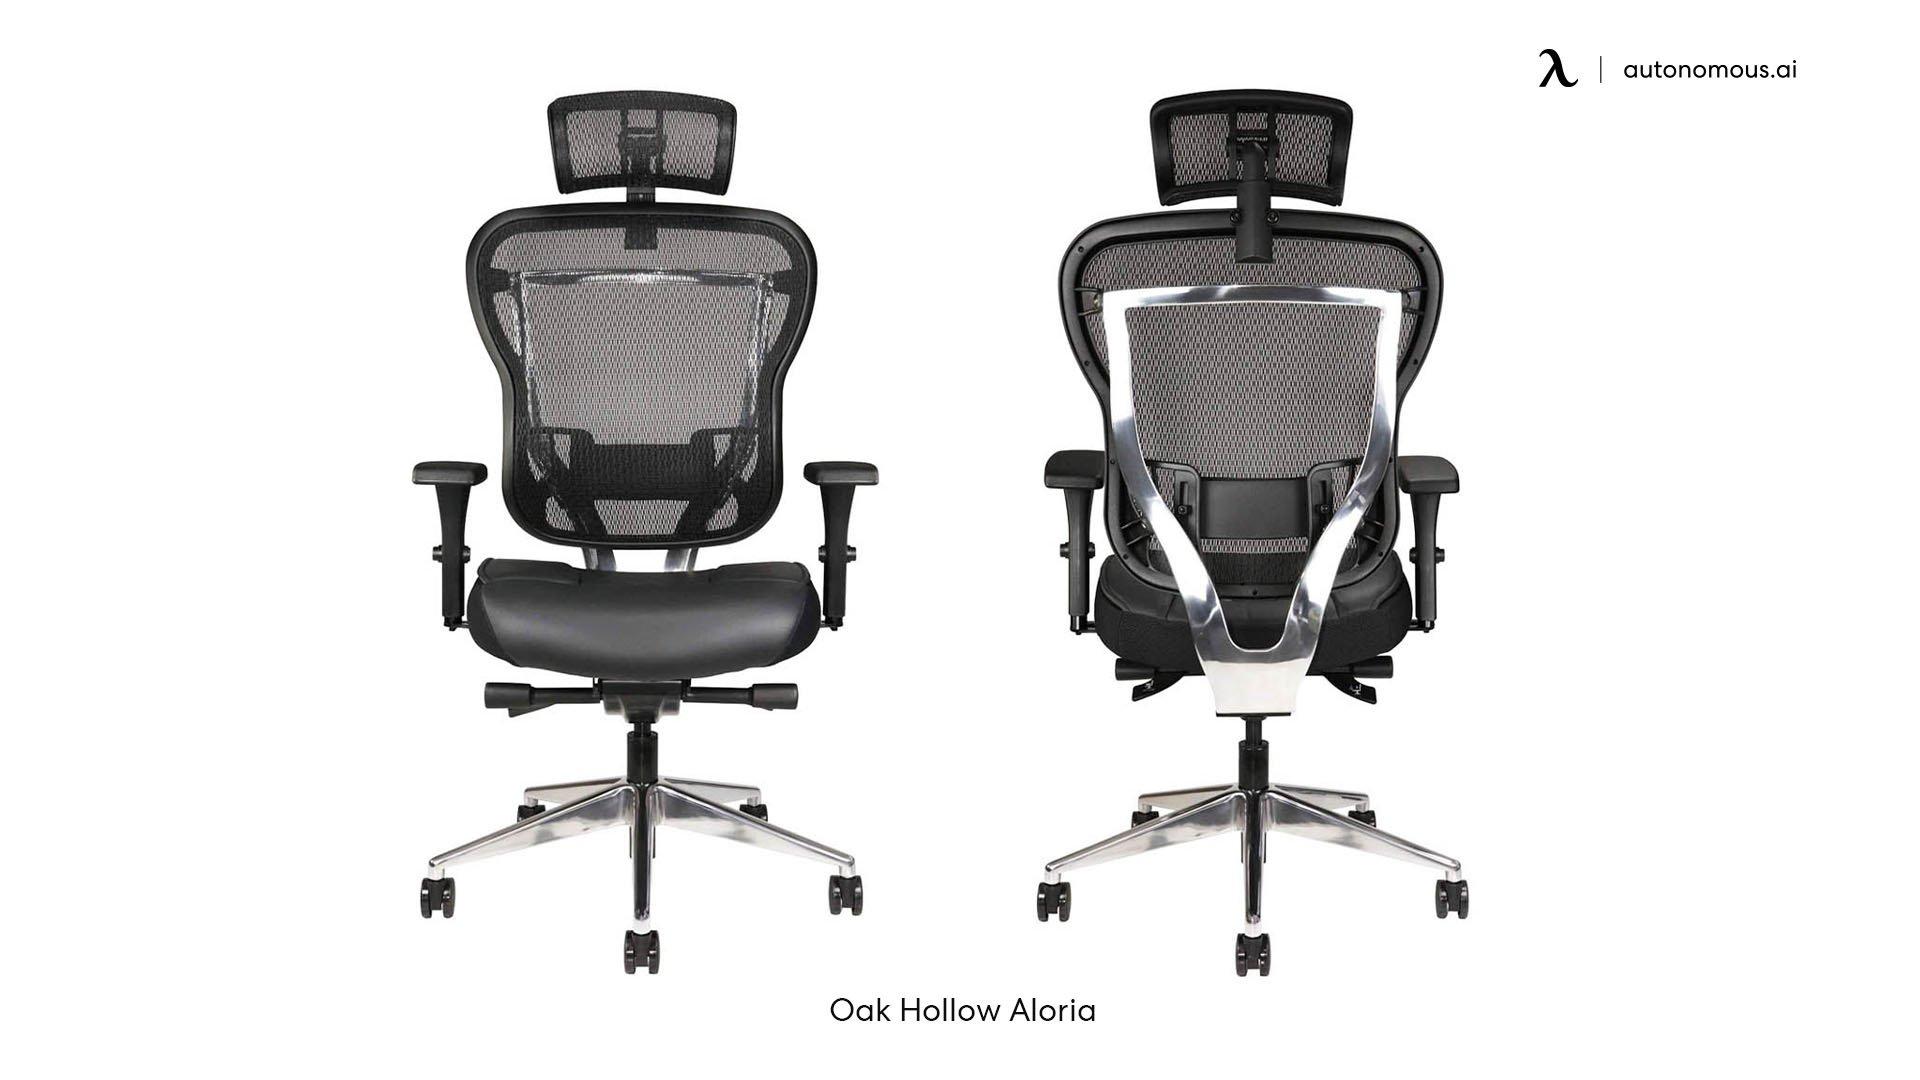 Oak Hollow Aloria